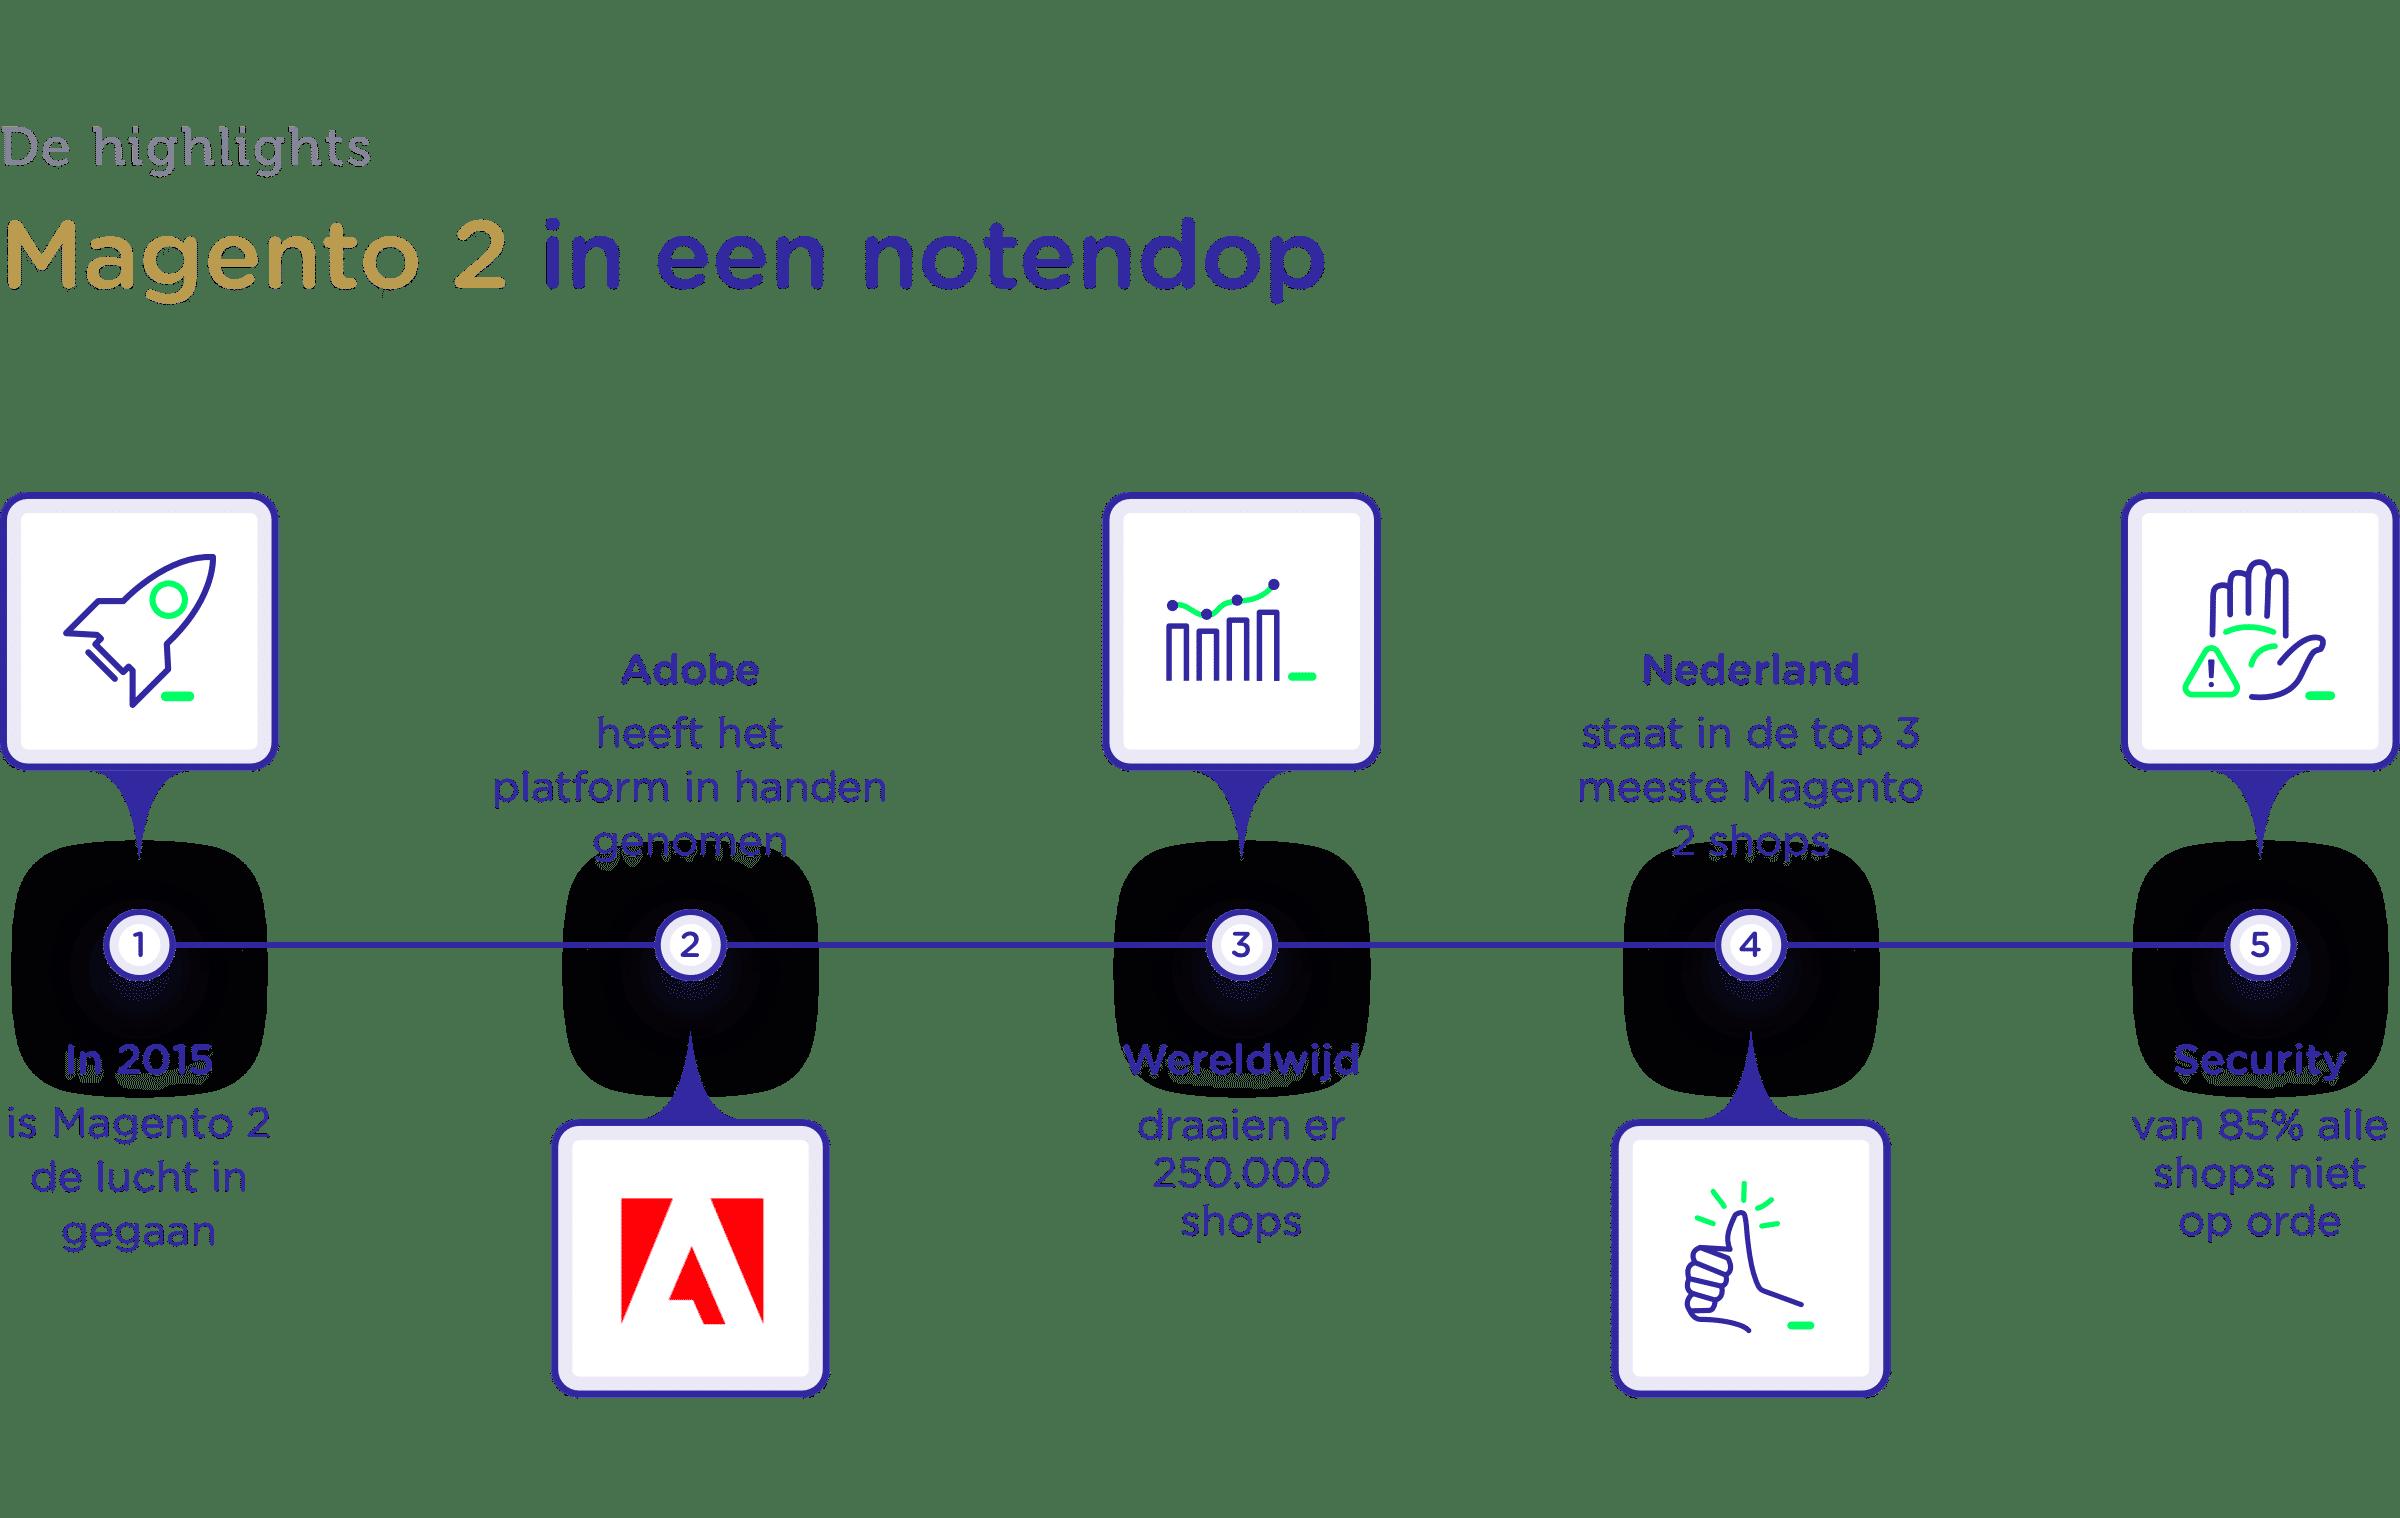 Visual van Magento 2 highlights in een tijdlijn